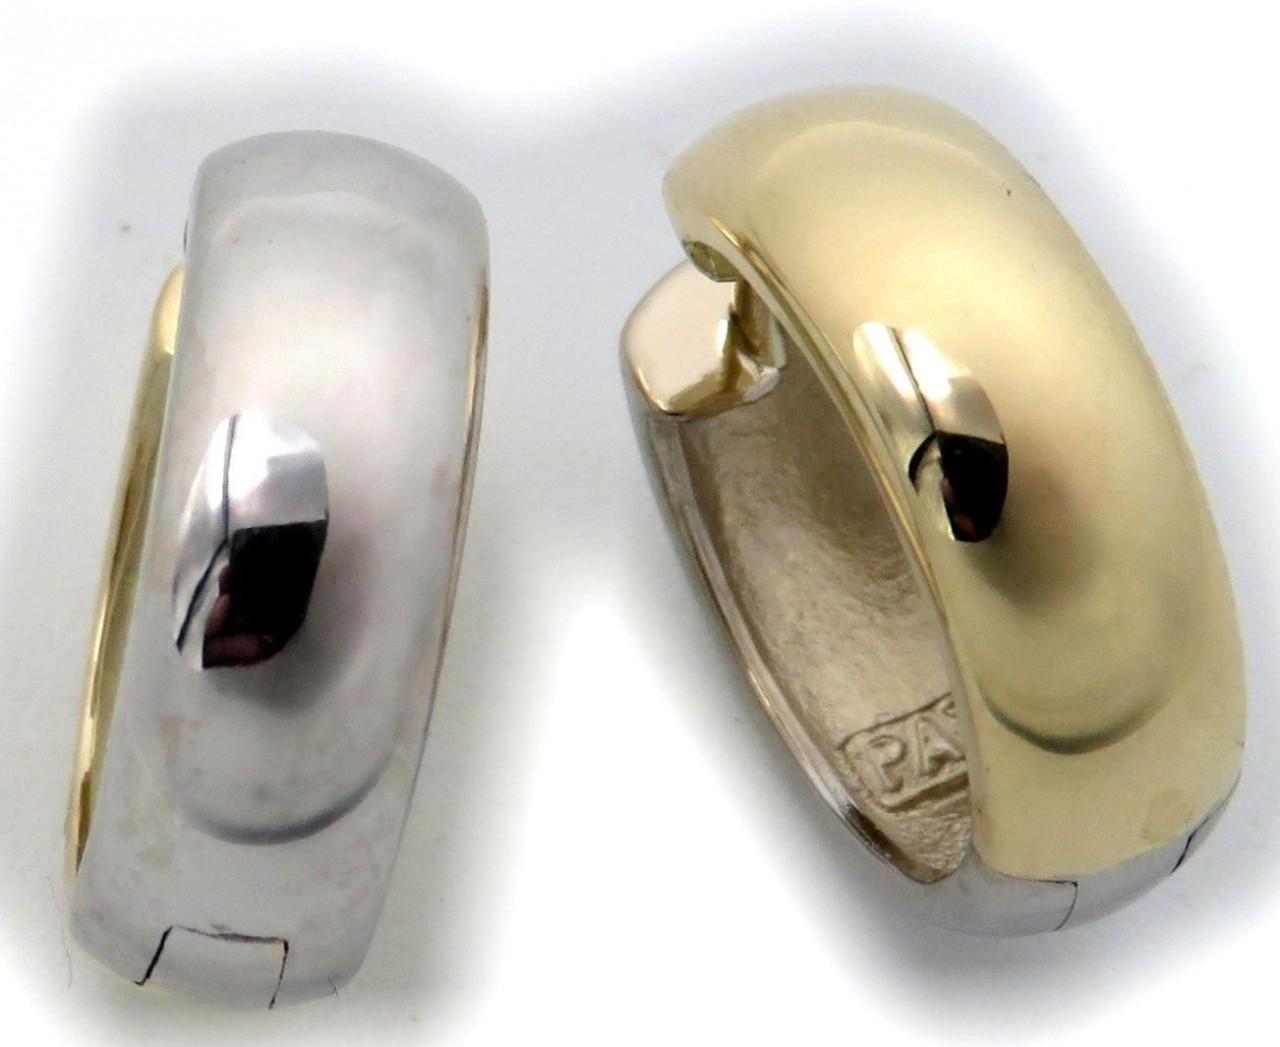 Neu Damen Ohrringe Klapp Creolen Gold 585 Bicolor gelb weiß gewölbt 16mm 14karat